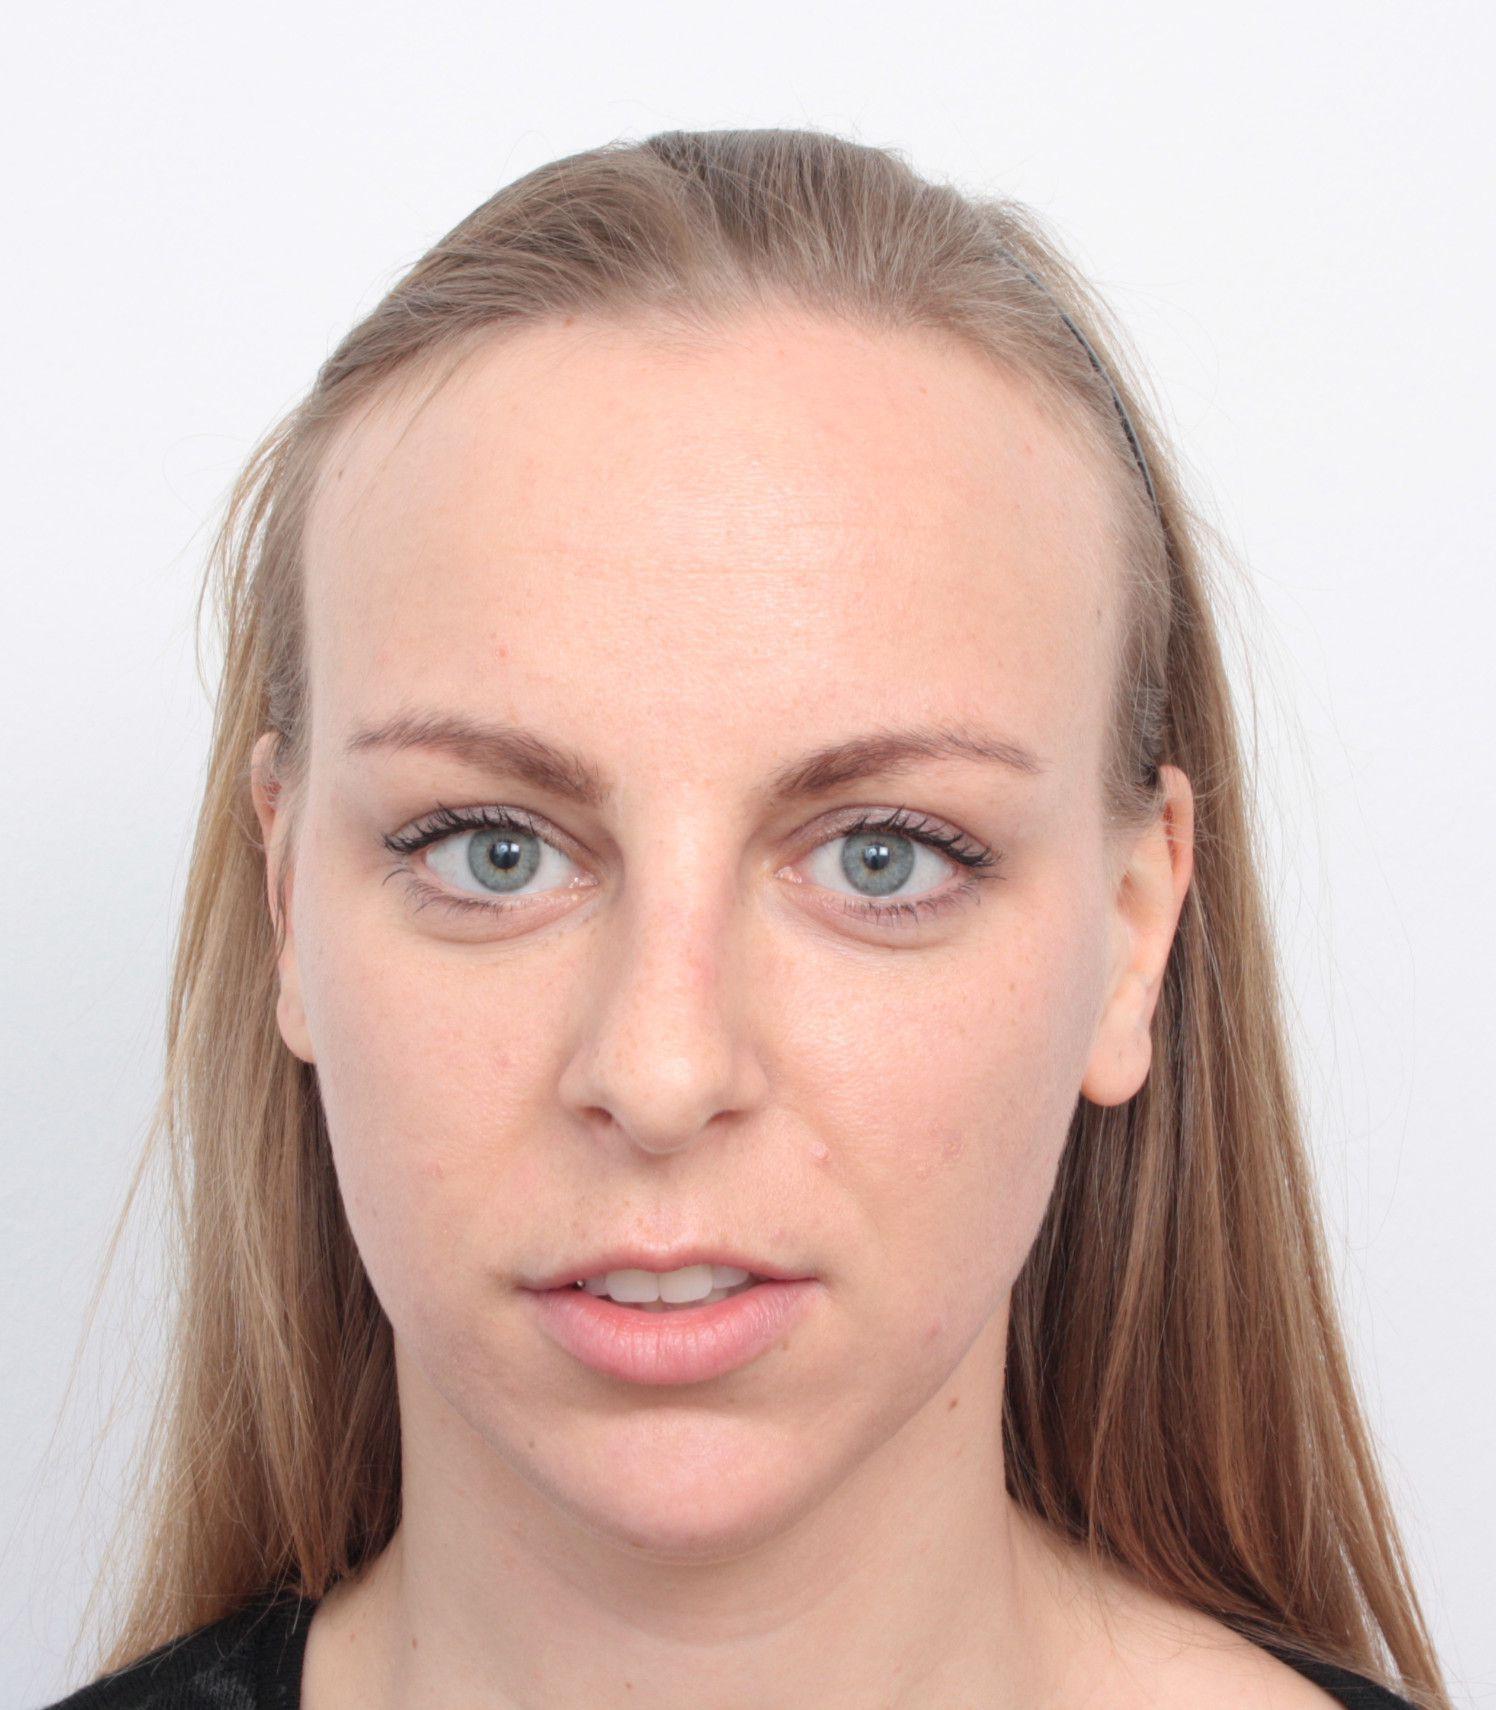 Haarverpflanzung Bei Frau Mit Hoher Stirnhaargrenze Vorher Nachher